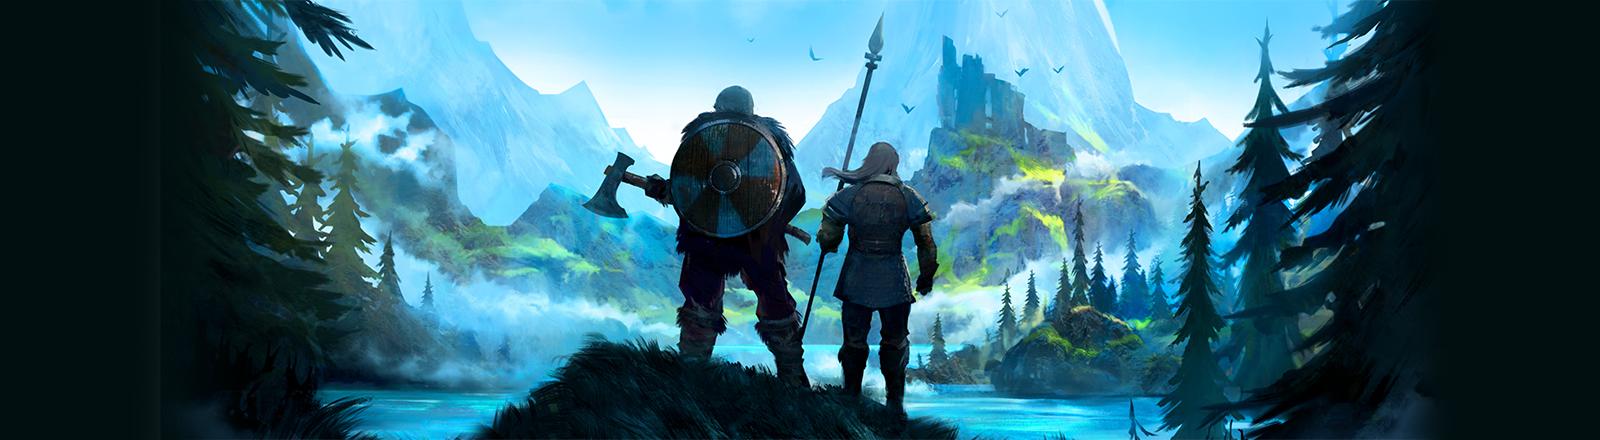 Screenshot aus dem Game Valheim von Iron Gate Studio